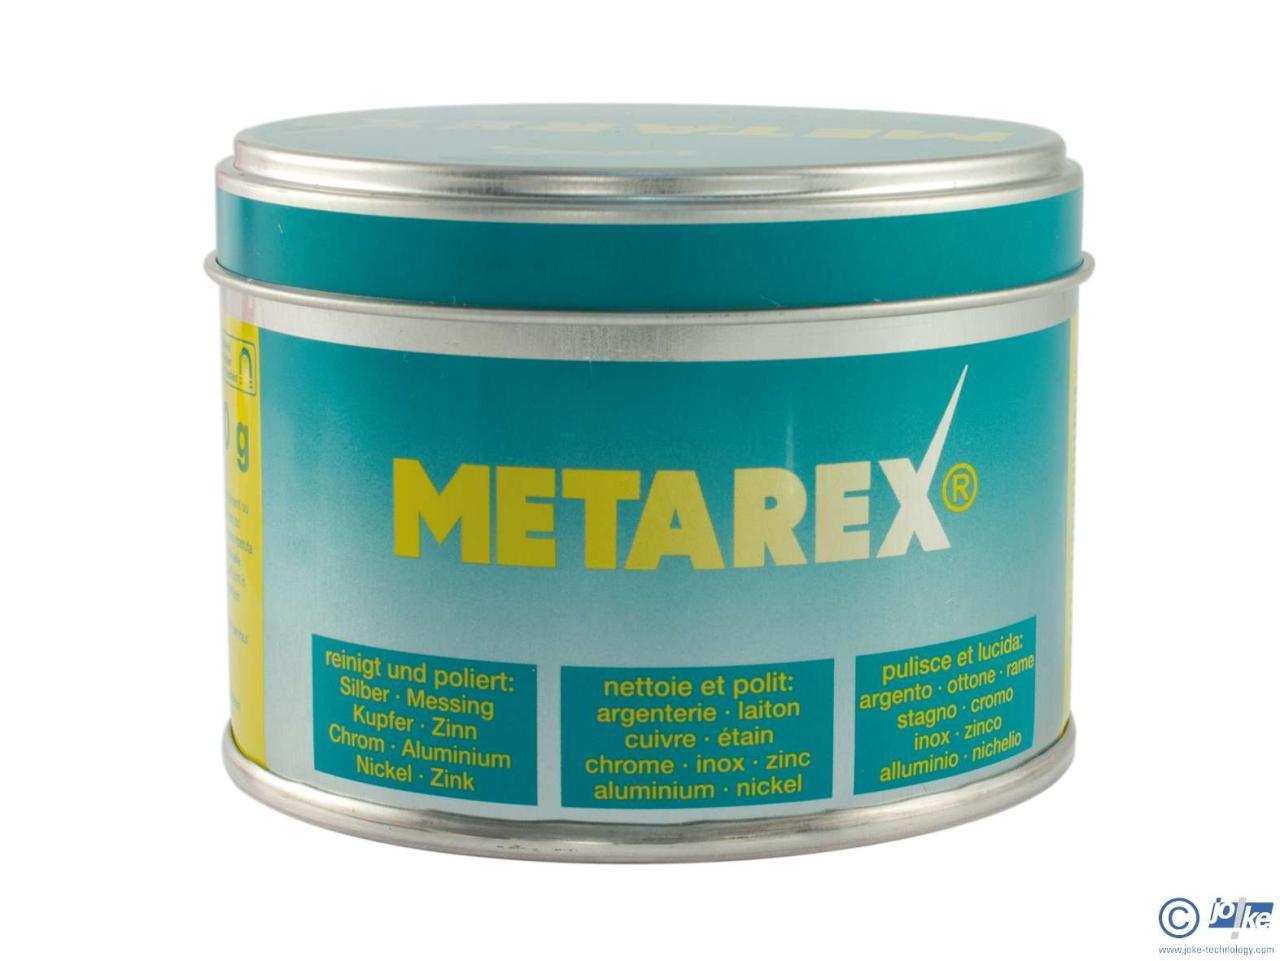 0960028_metarex_poliermittel-100g-dose